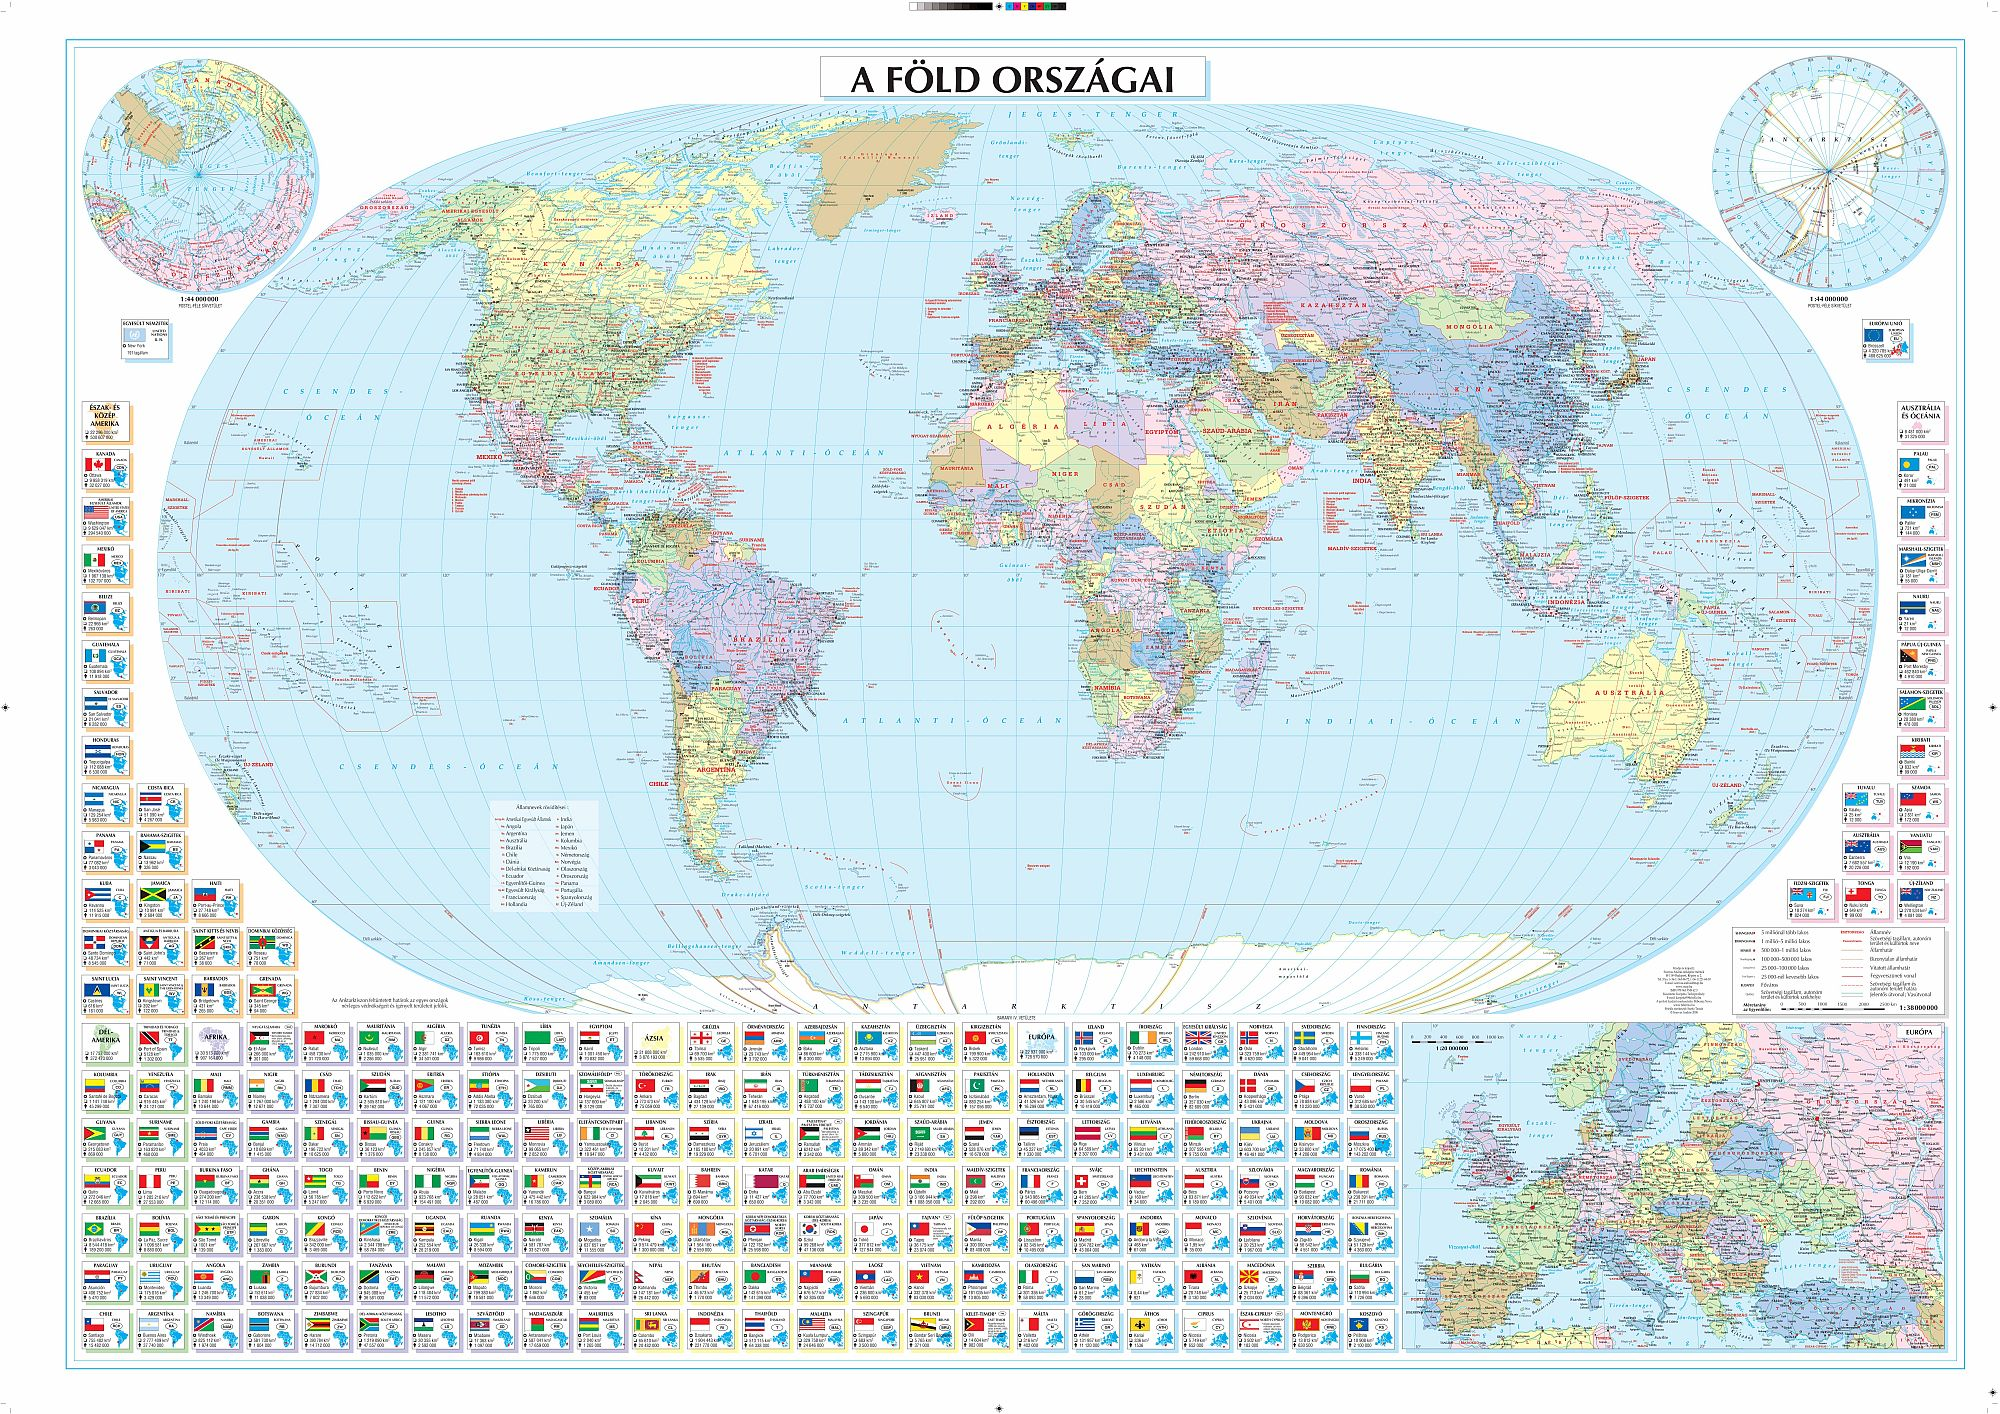 Politikai világtérkép zászlókkal statisztikai adatokkal mobil eszközökre